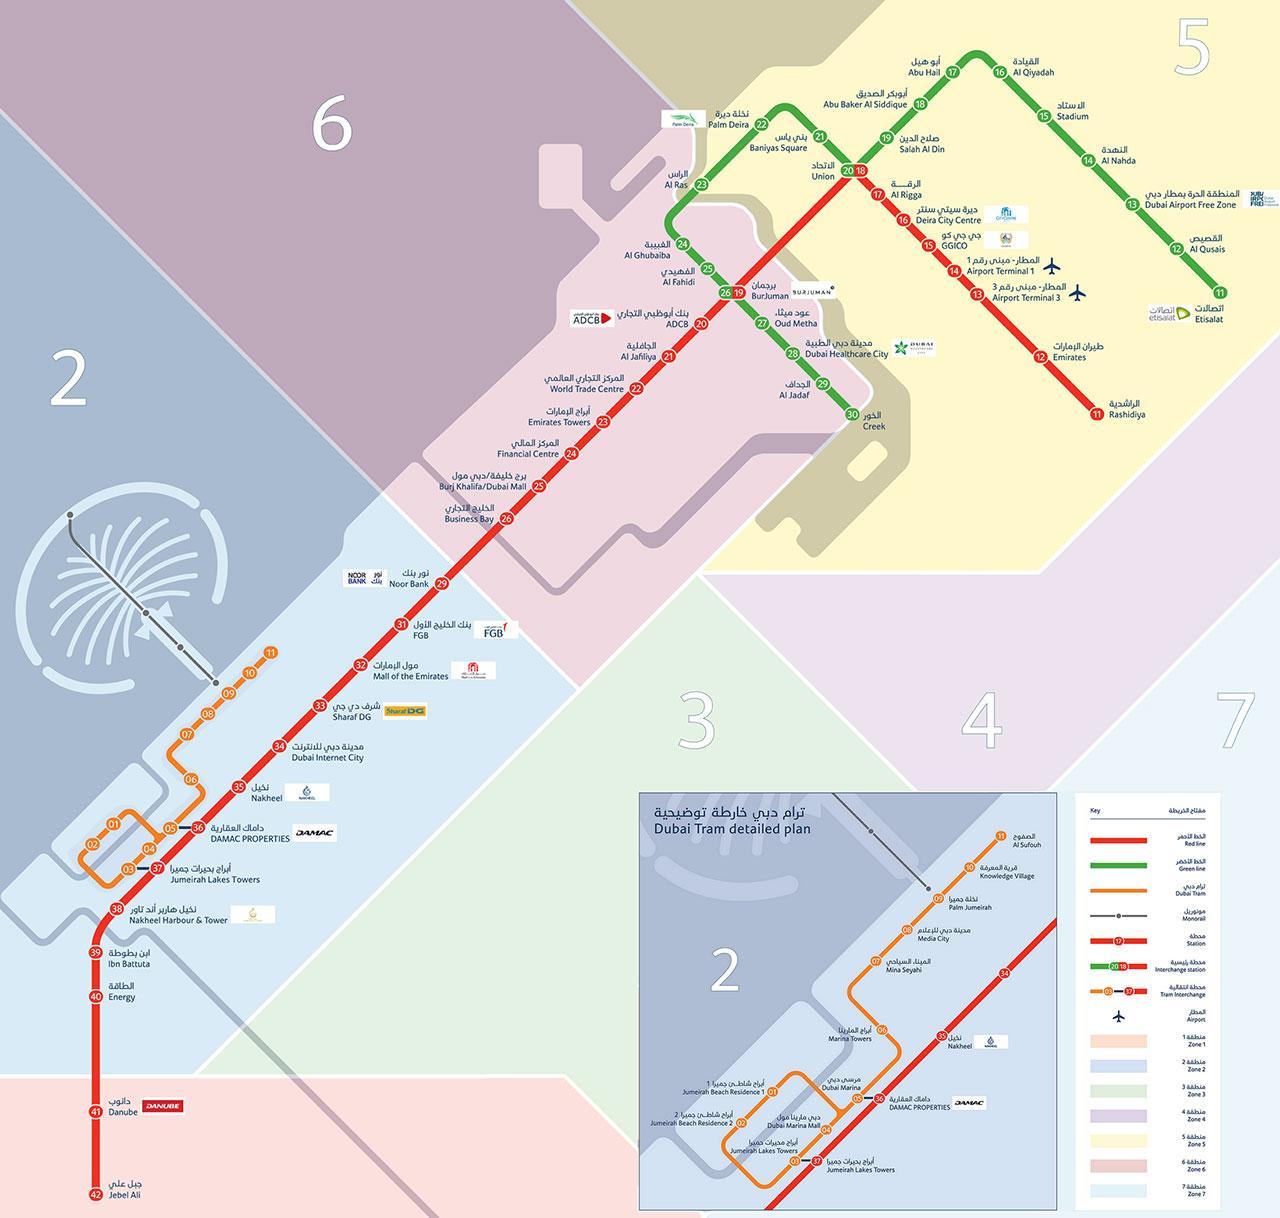 метро эмираты дубай